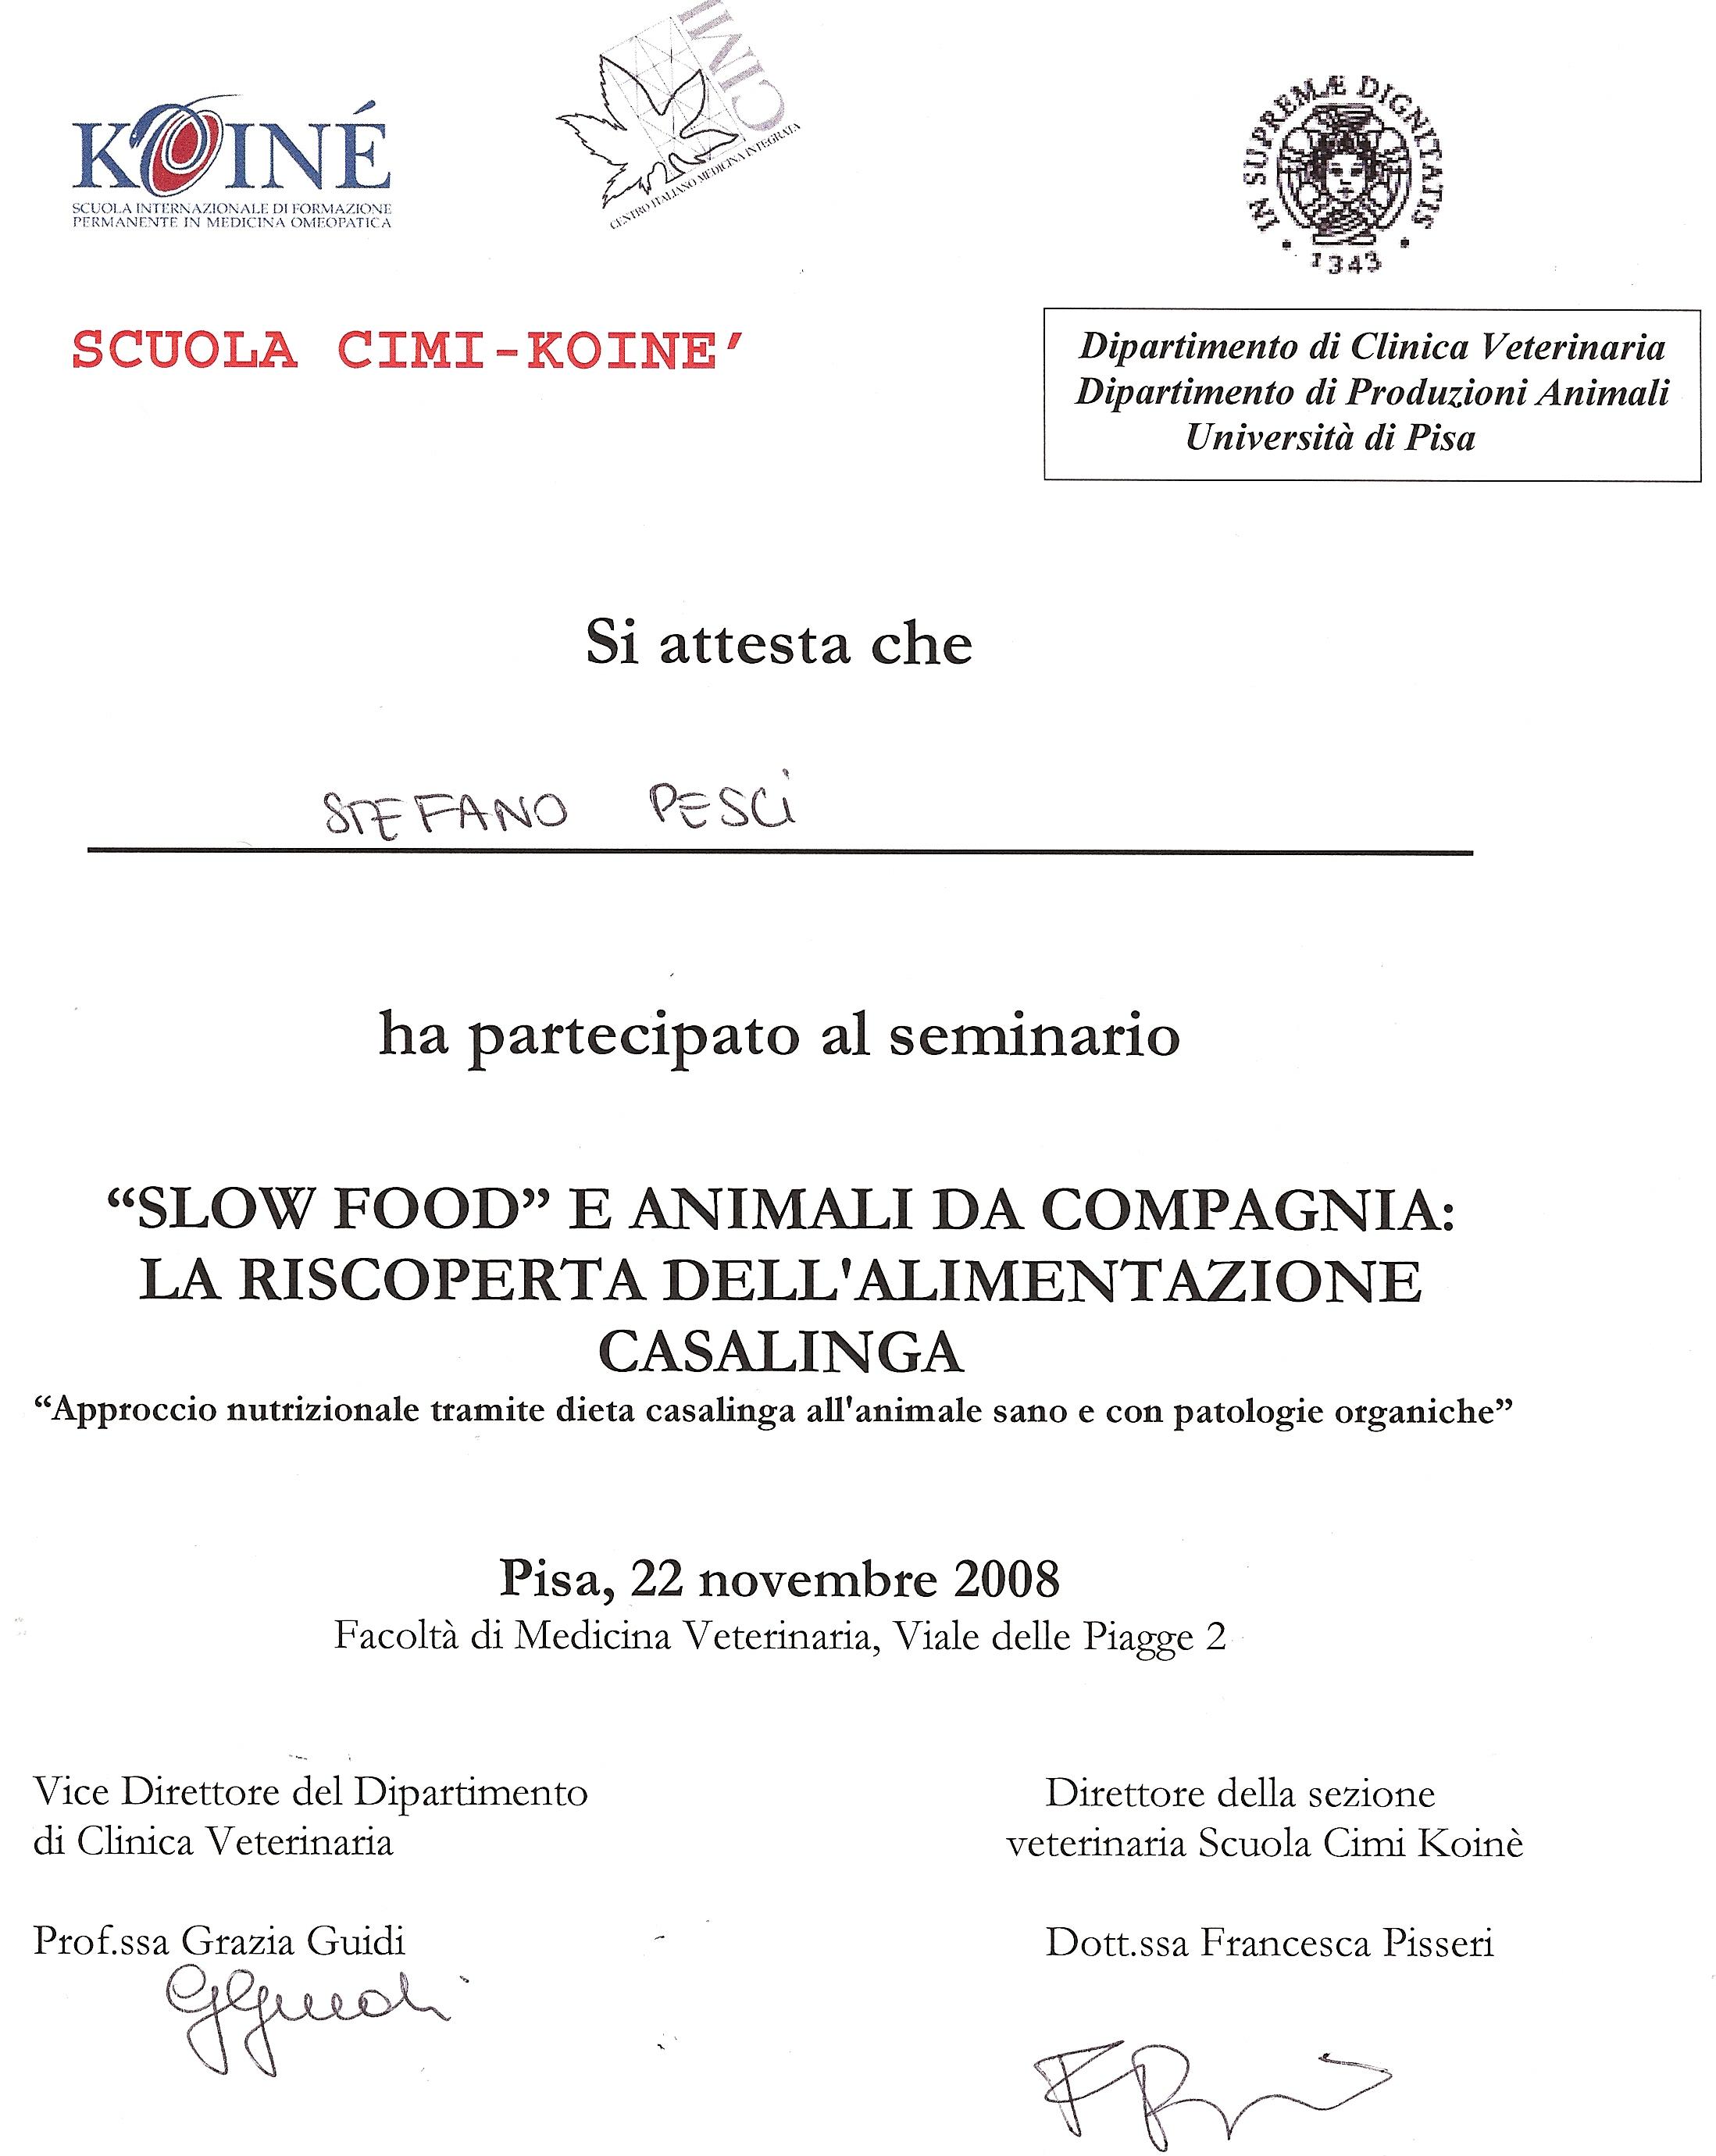 ATTESTATO ALIMENTAZIONE CASALINGA - STEFANO PESCI ITRUTTORE CINOFILO COMPORTAMENTALE